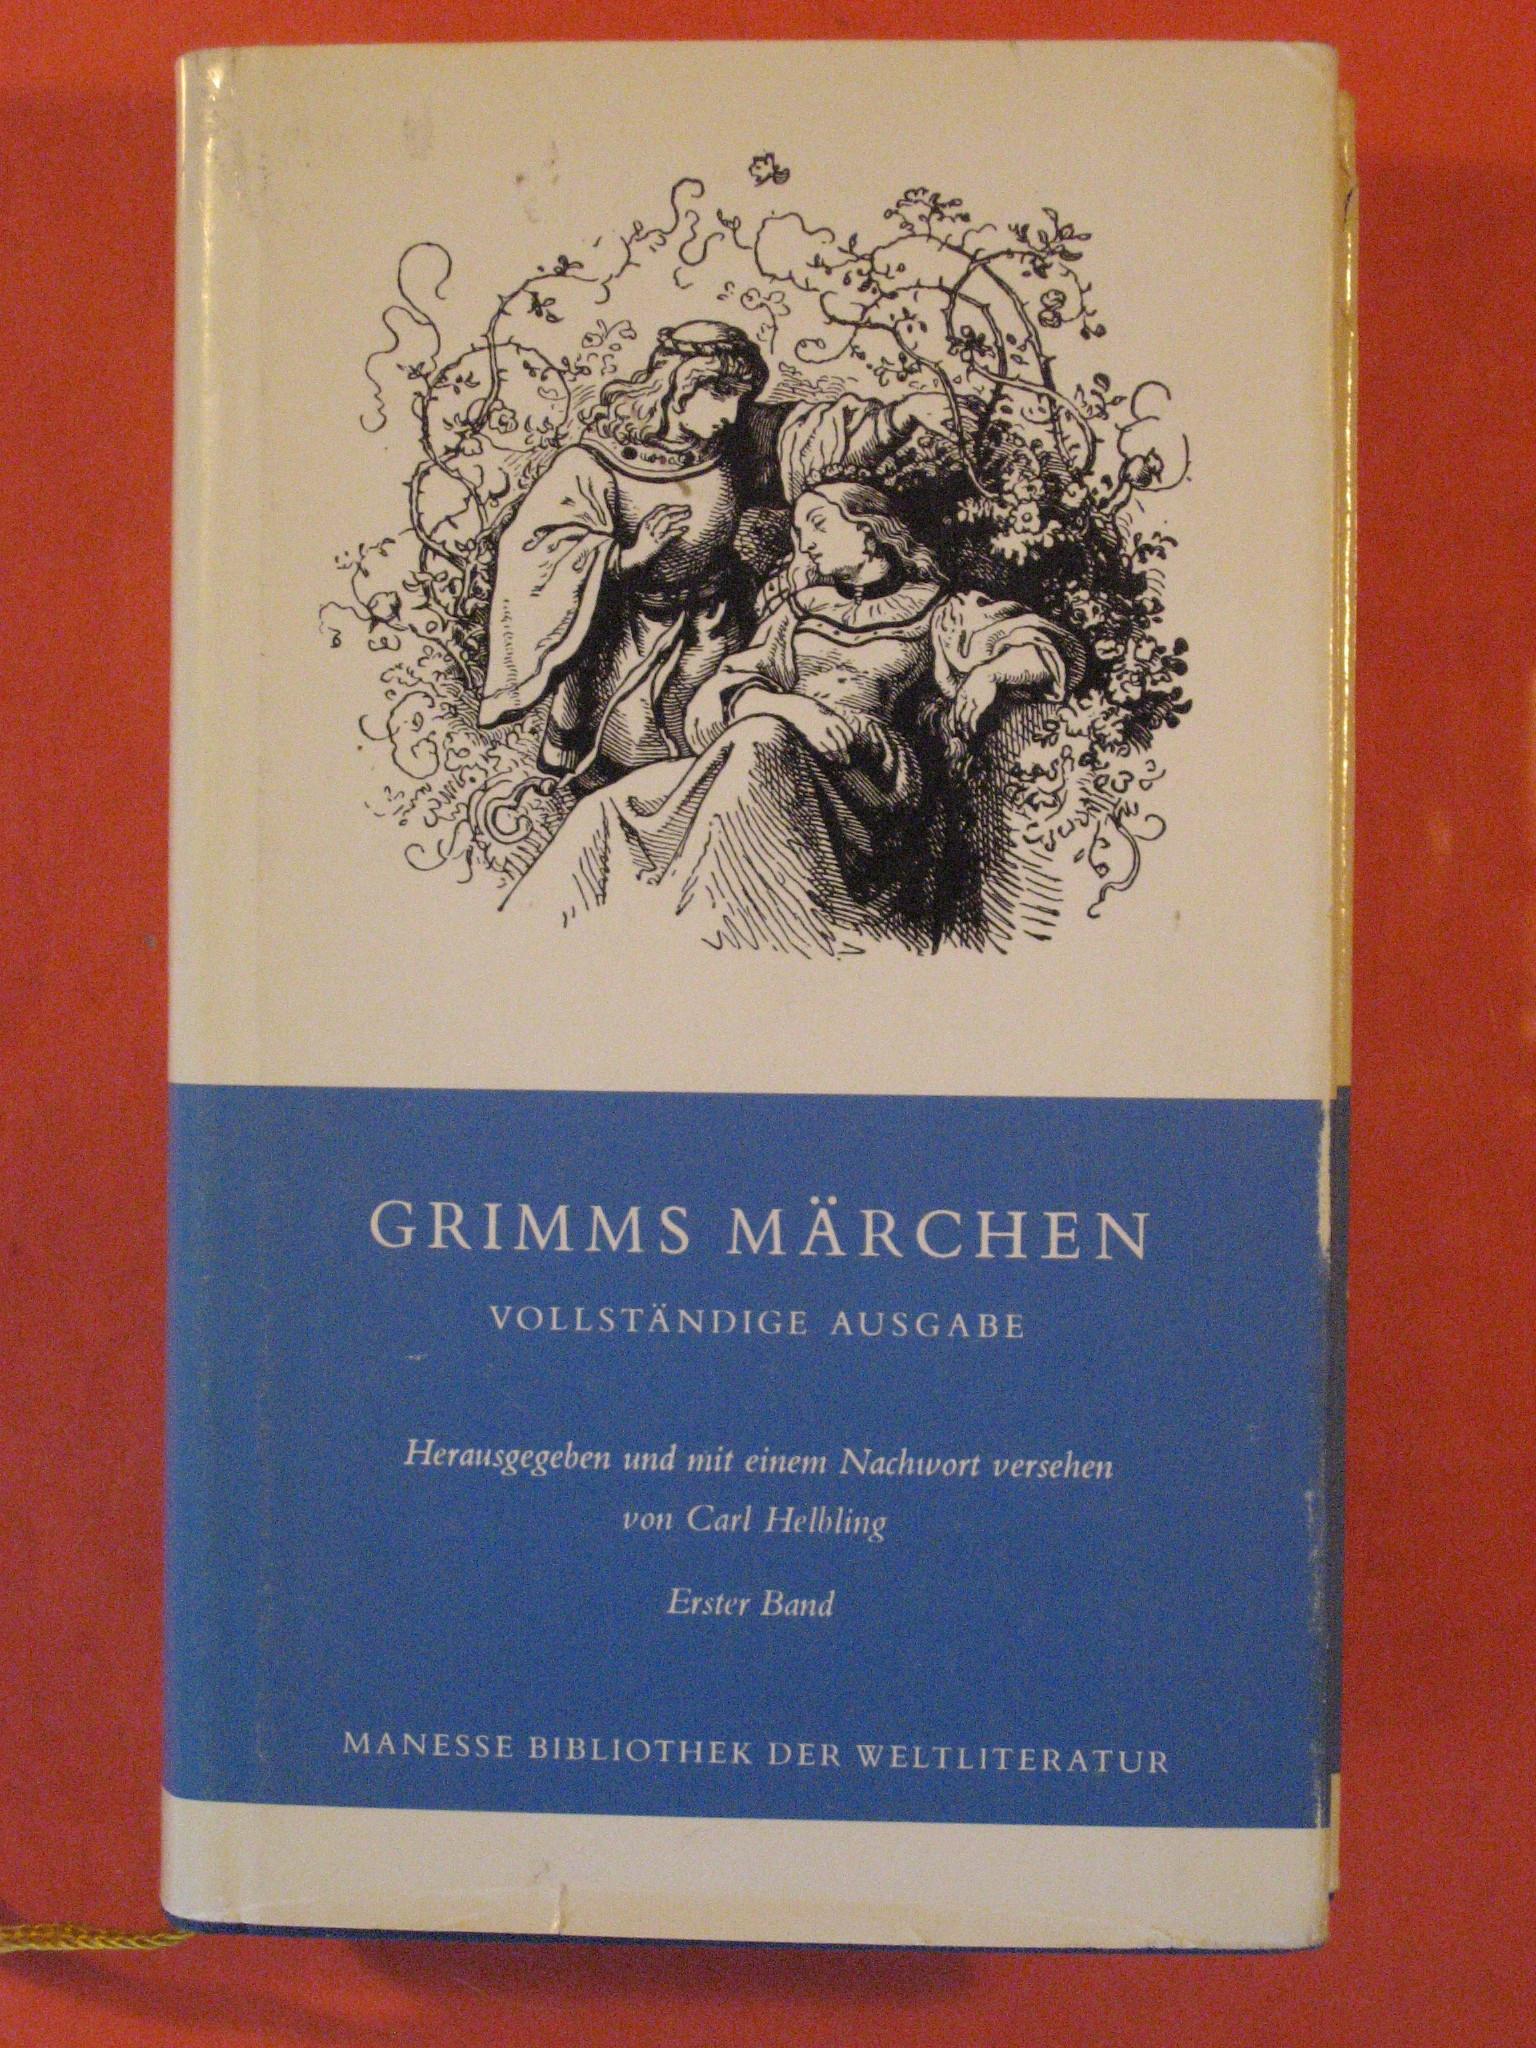 Grimms Marchen Vollstandige Ausgabe, Vol 1, Bruder Grimm (Wilhelm & Jakob)